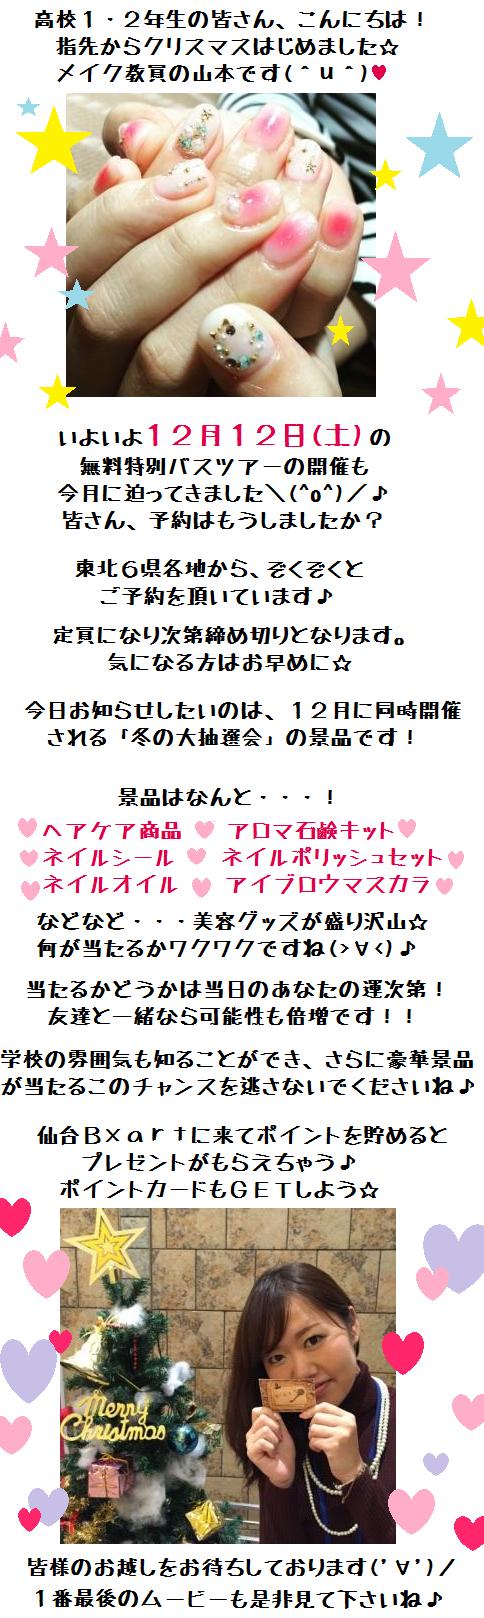 広報室クリスマス改2.png